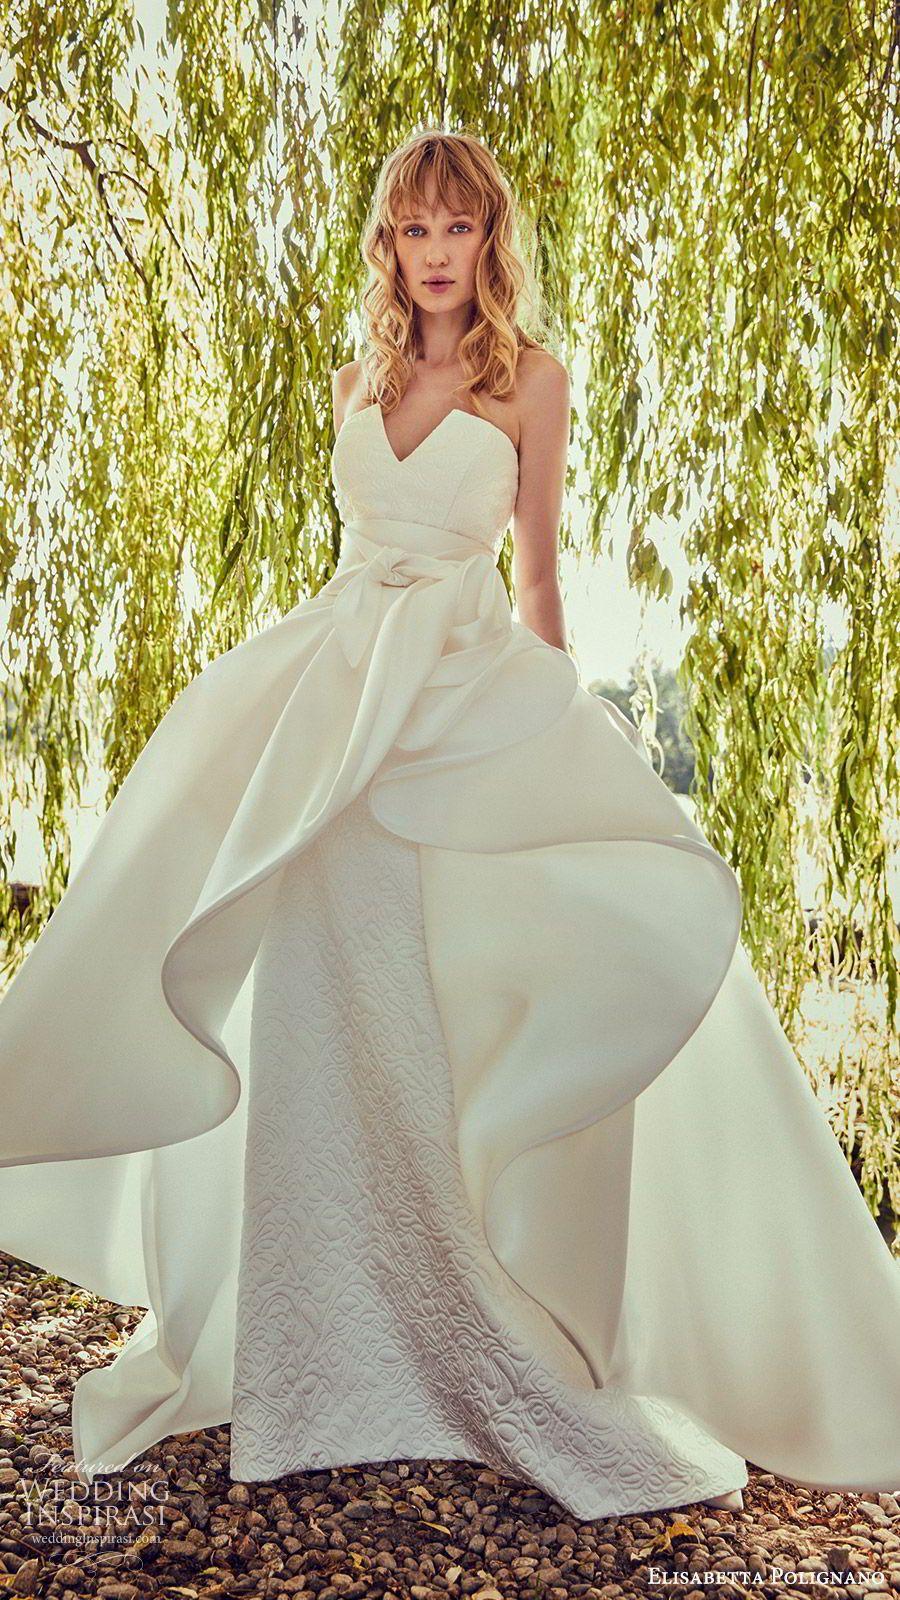 l'atteggiamento migliore a2029 dec3d EP Elisabetta Polignano 2019 Couture Wedding Dresses   Wedding ...